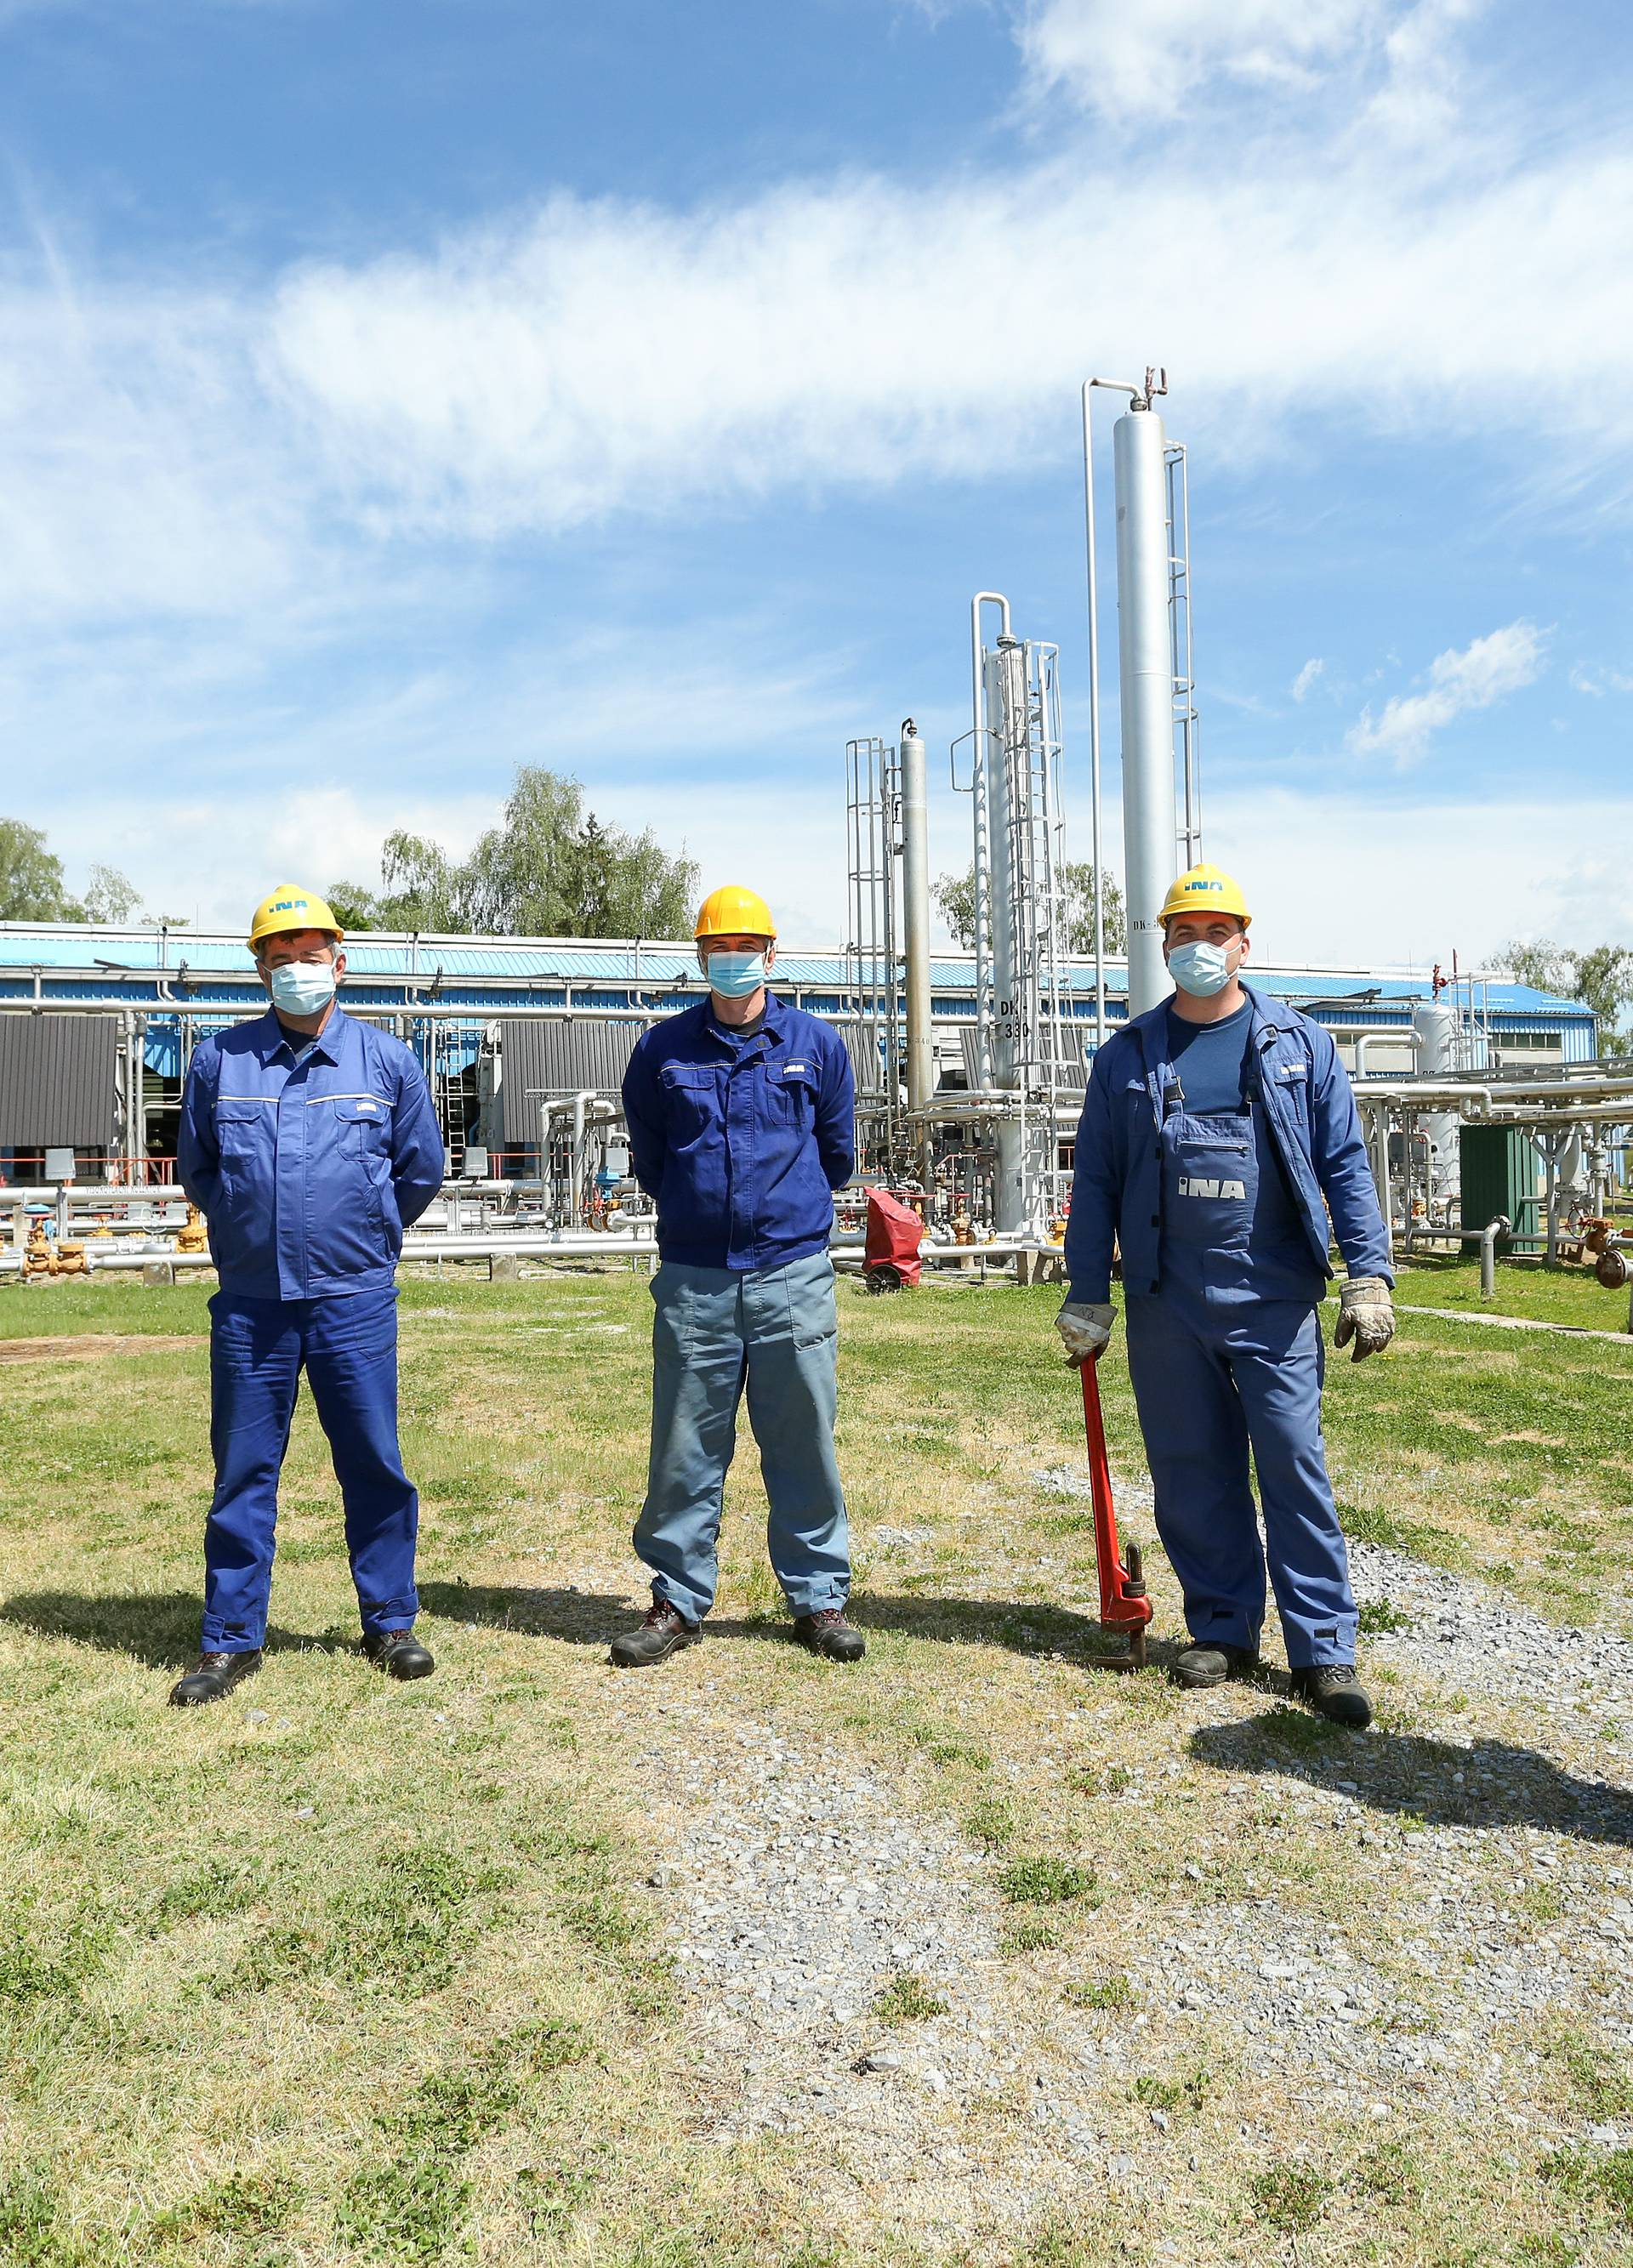 Proizvodnju nafte dugu  60 godina nije zaustavio ni virus